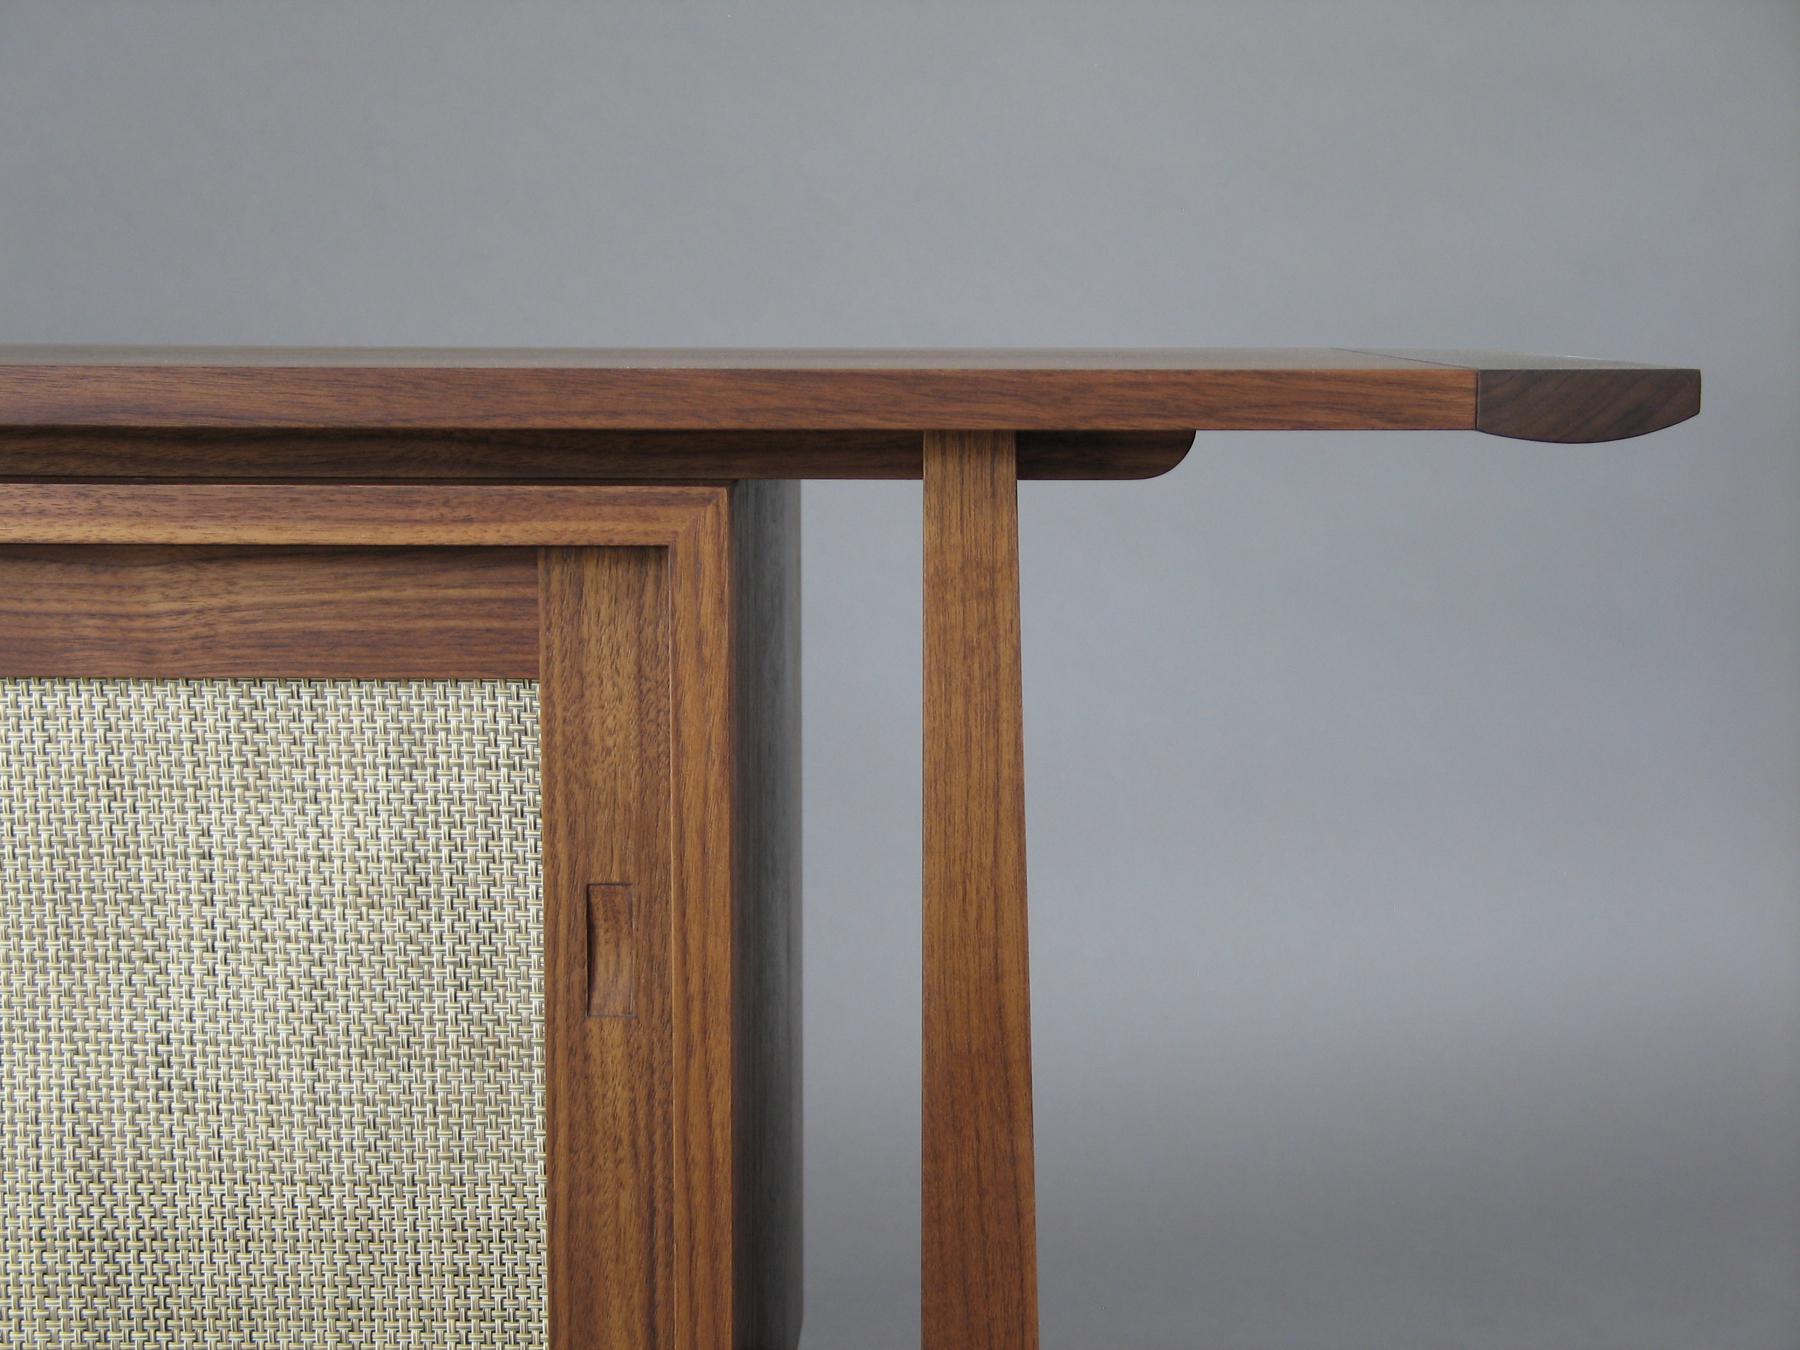 Phillips - detail